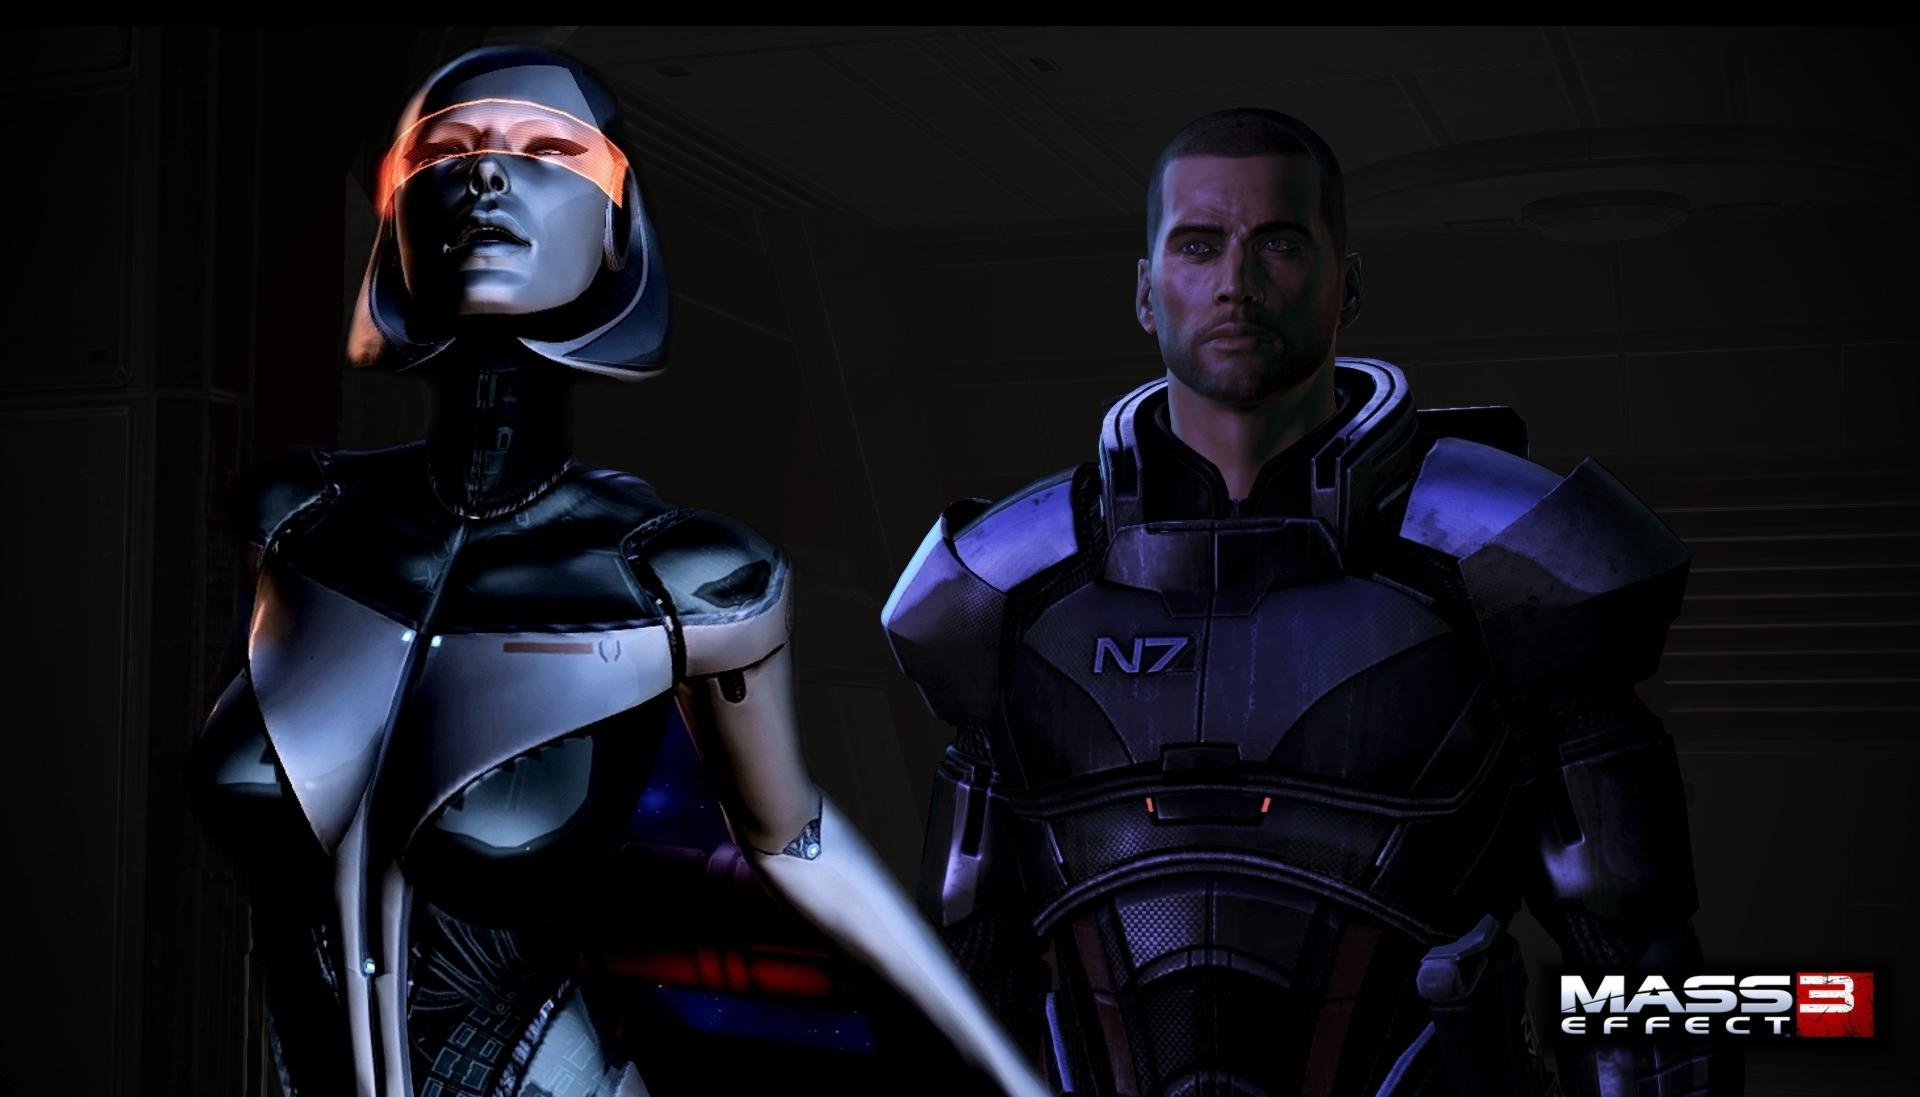 Edi Mass Effect sexy edi wallpaper from mass effect 3